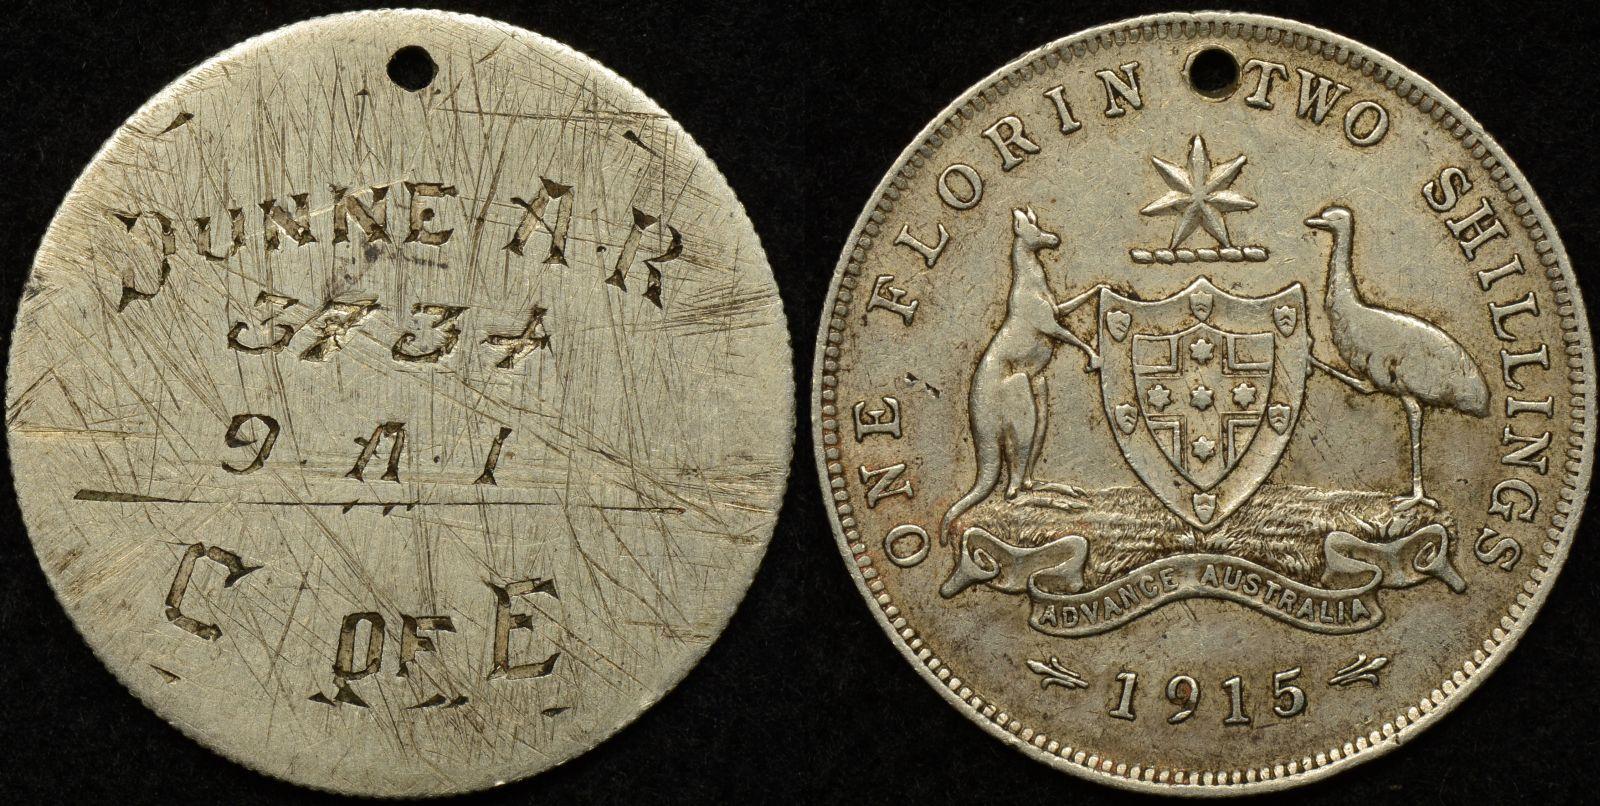 Australian World War 1 Army Identity Tag – Dunne A.R. 3734